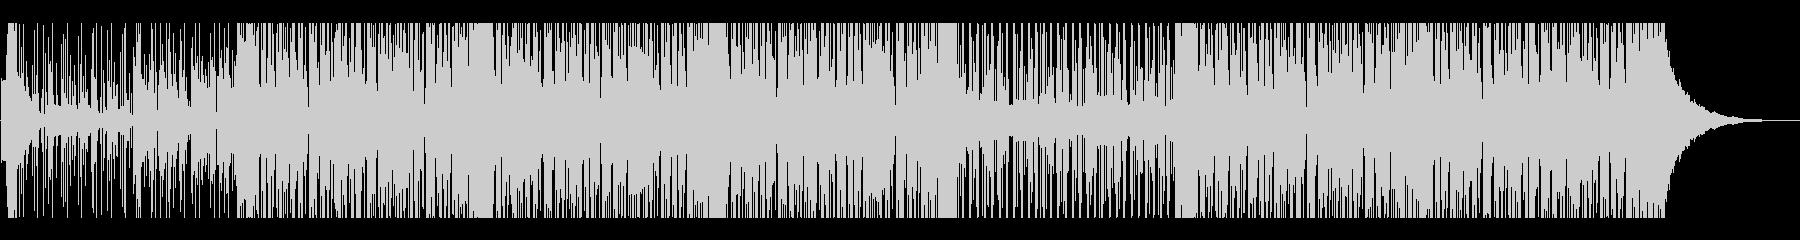 マリンバ・アンビエント・エレクトロの未再生の波形